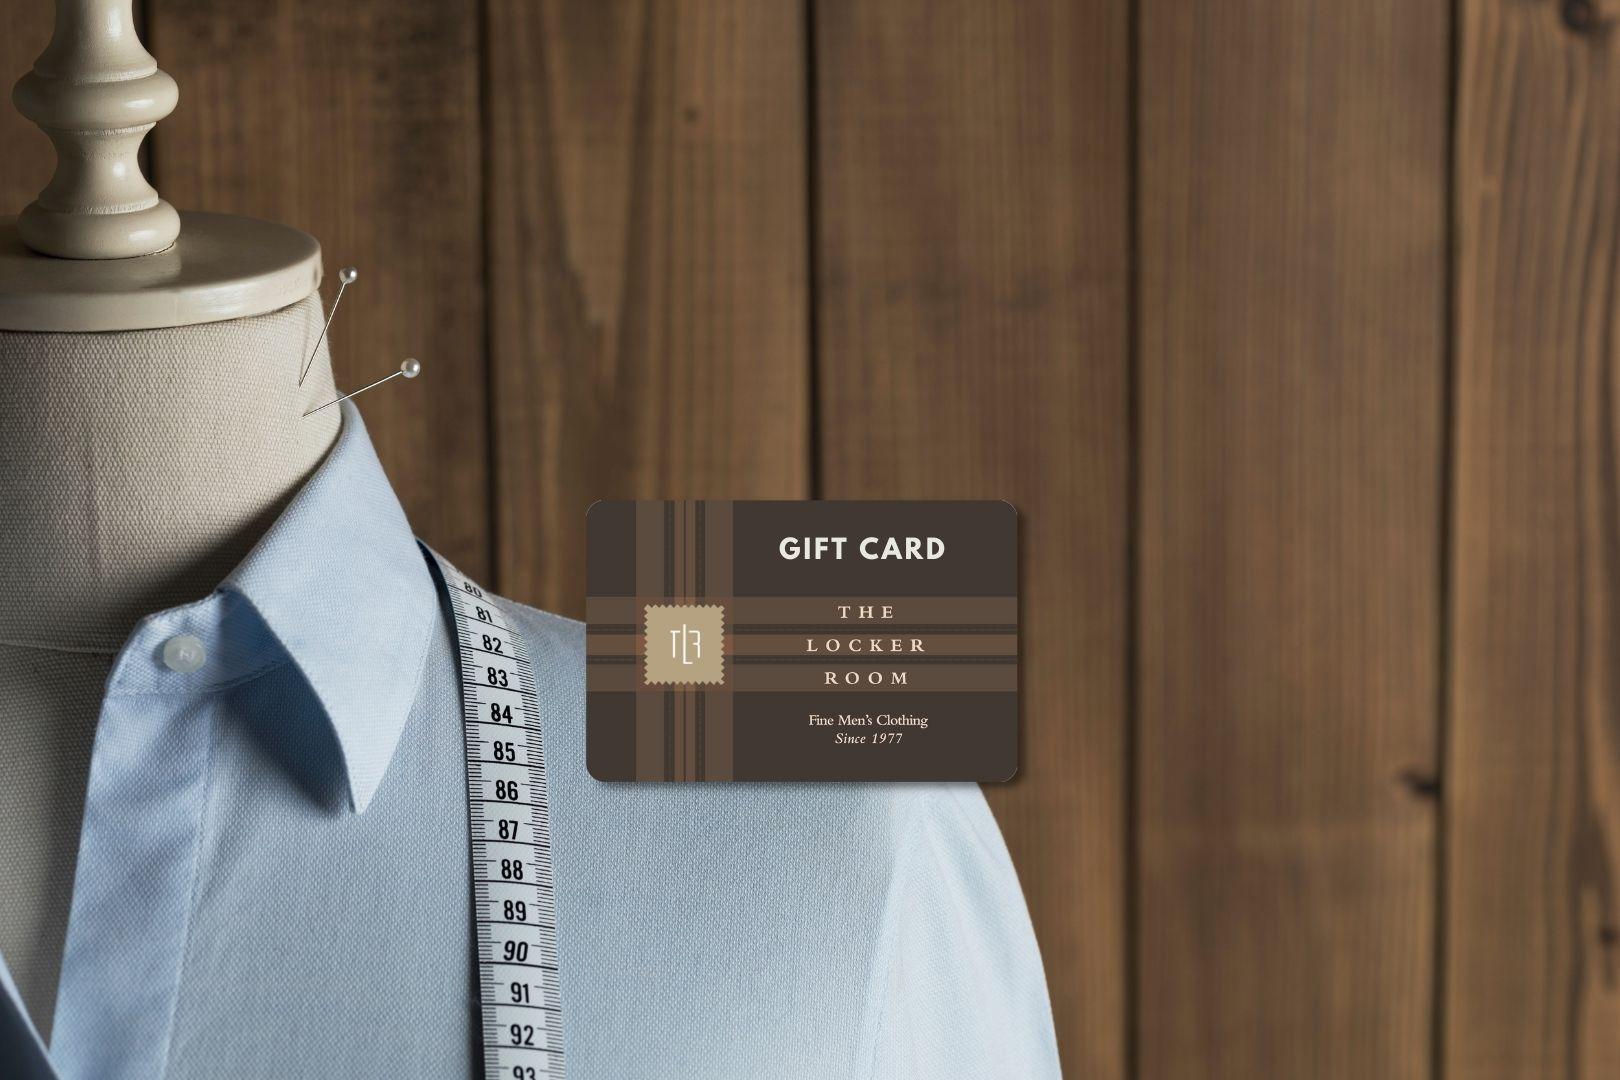 He'll Love a Gift Card